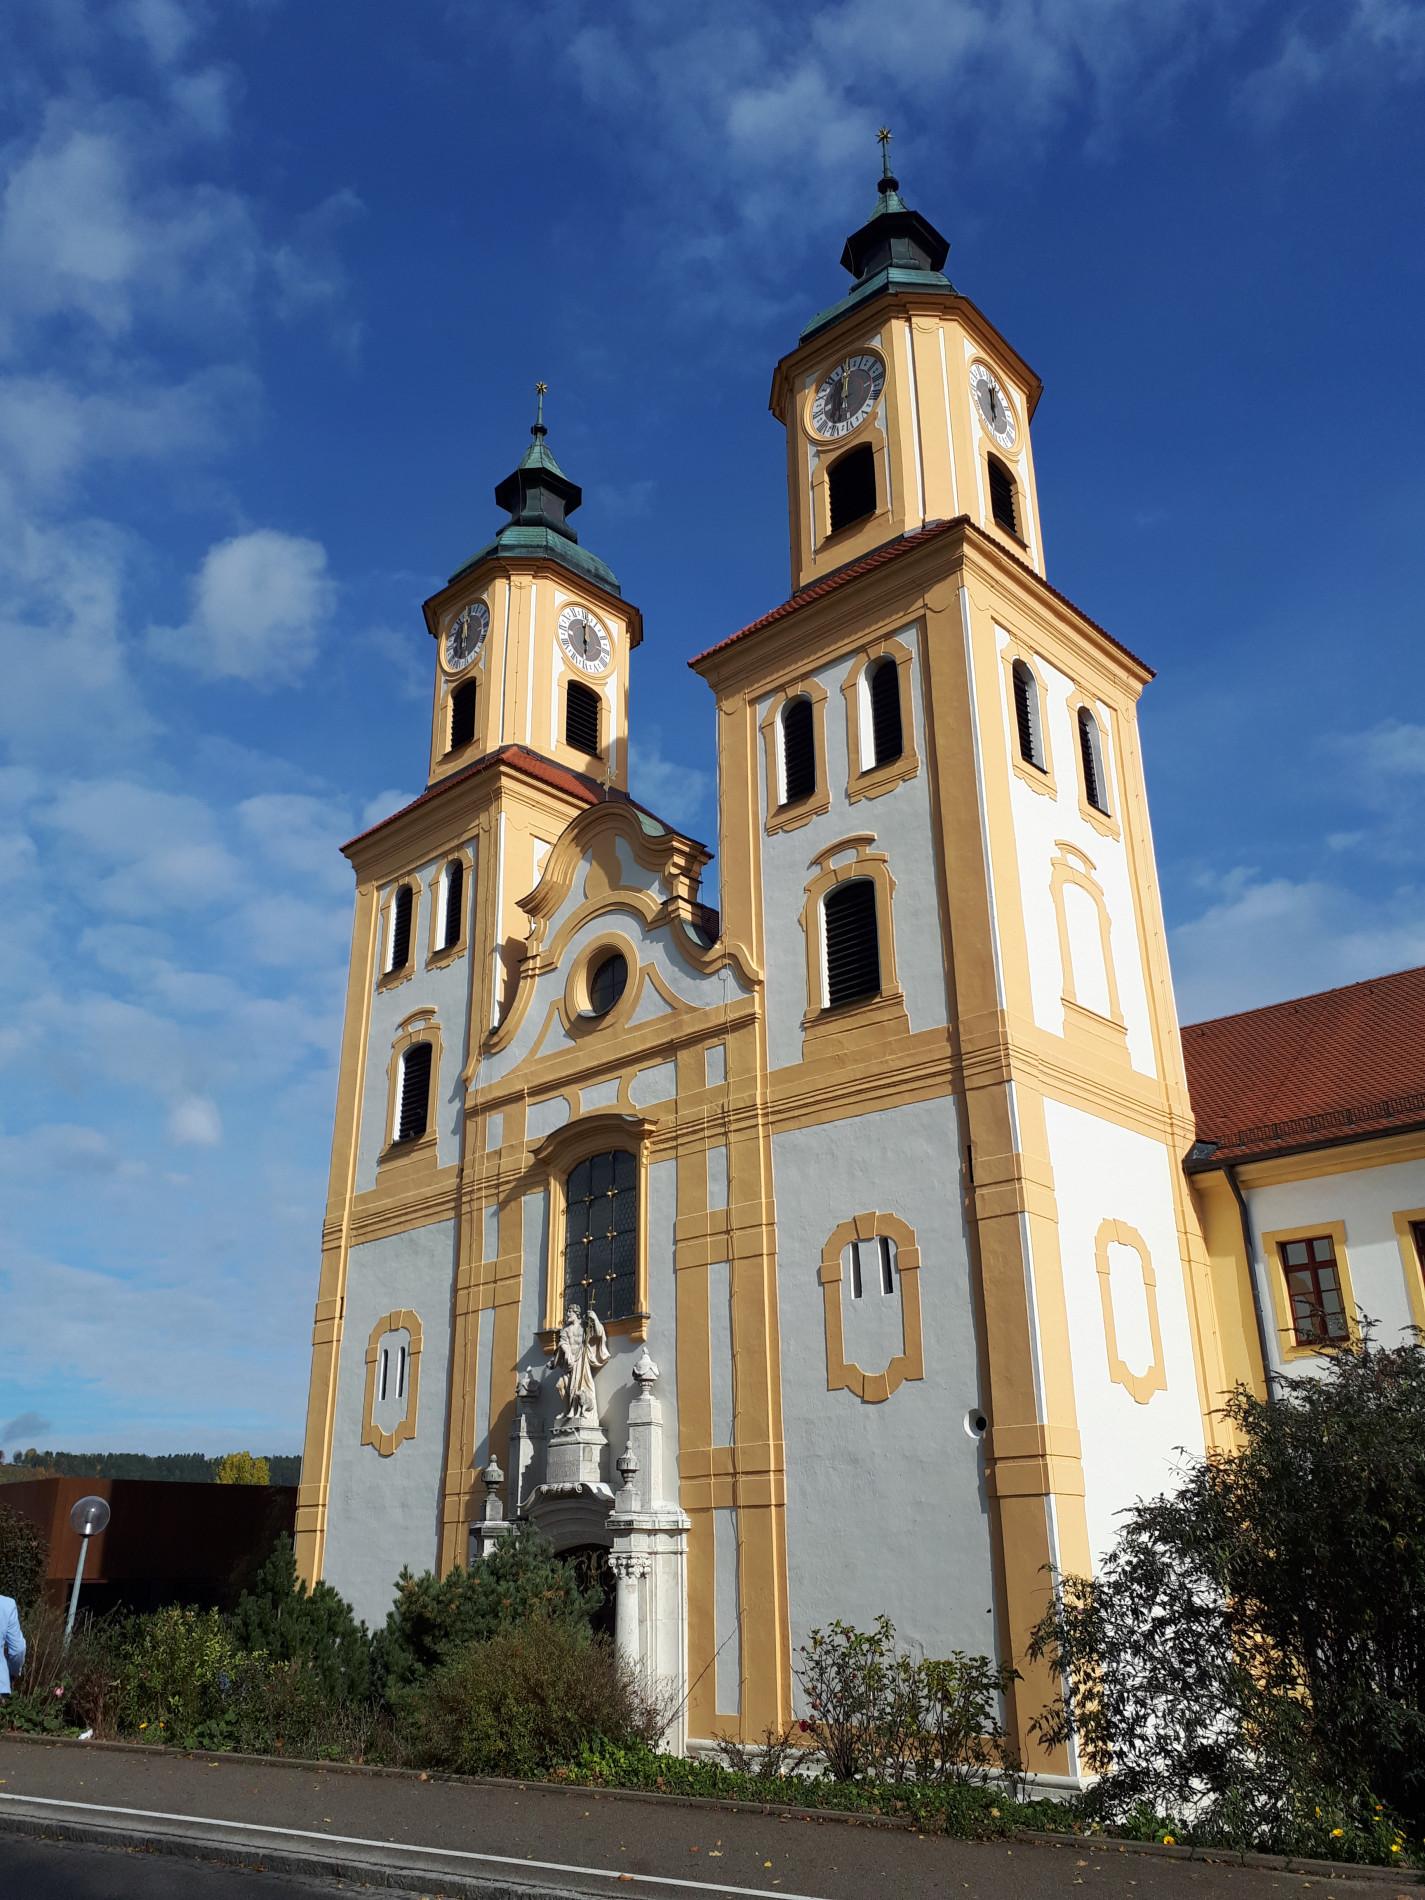 Eichstätt Kloster Rebdorf